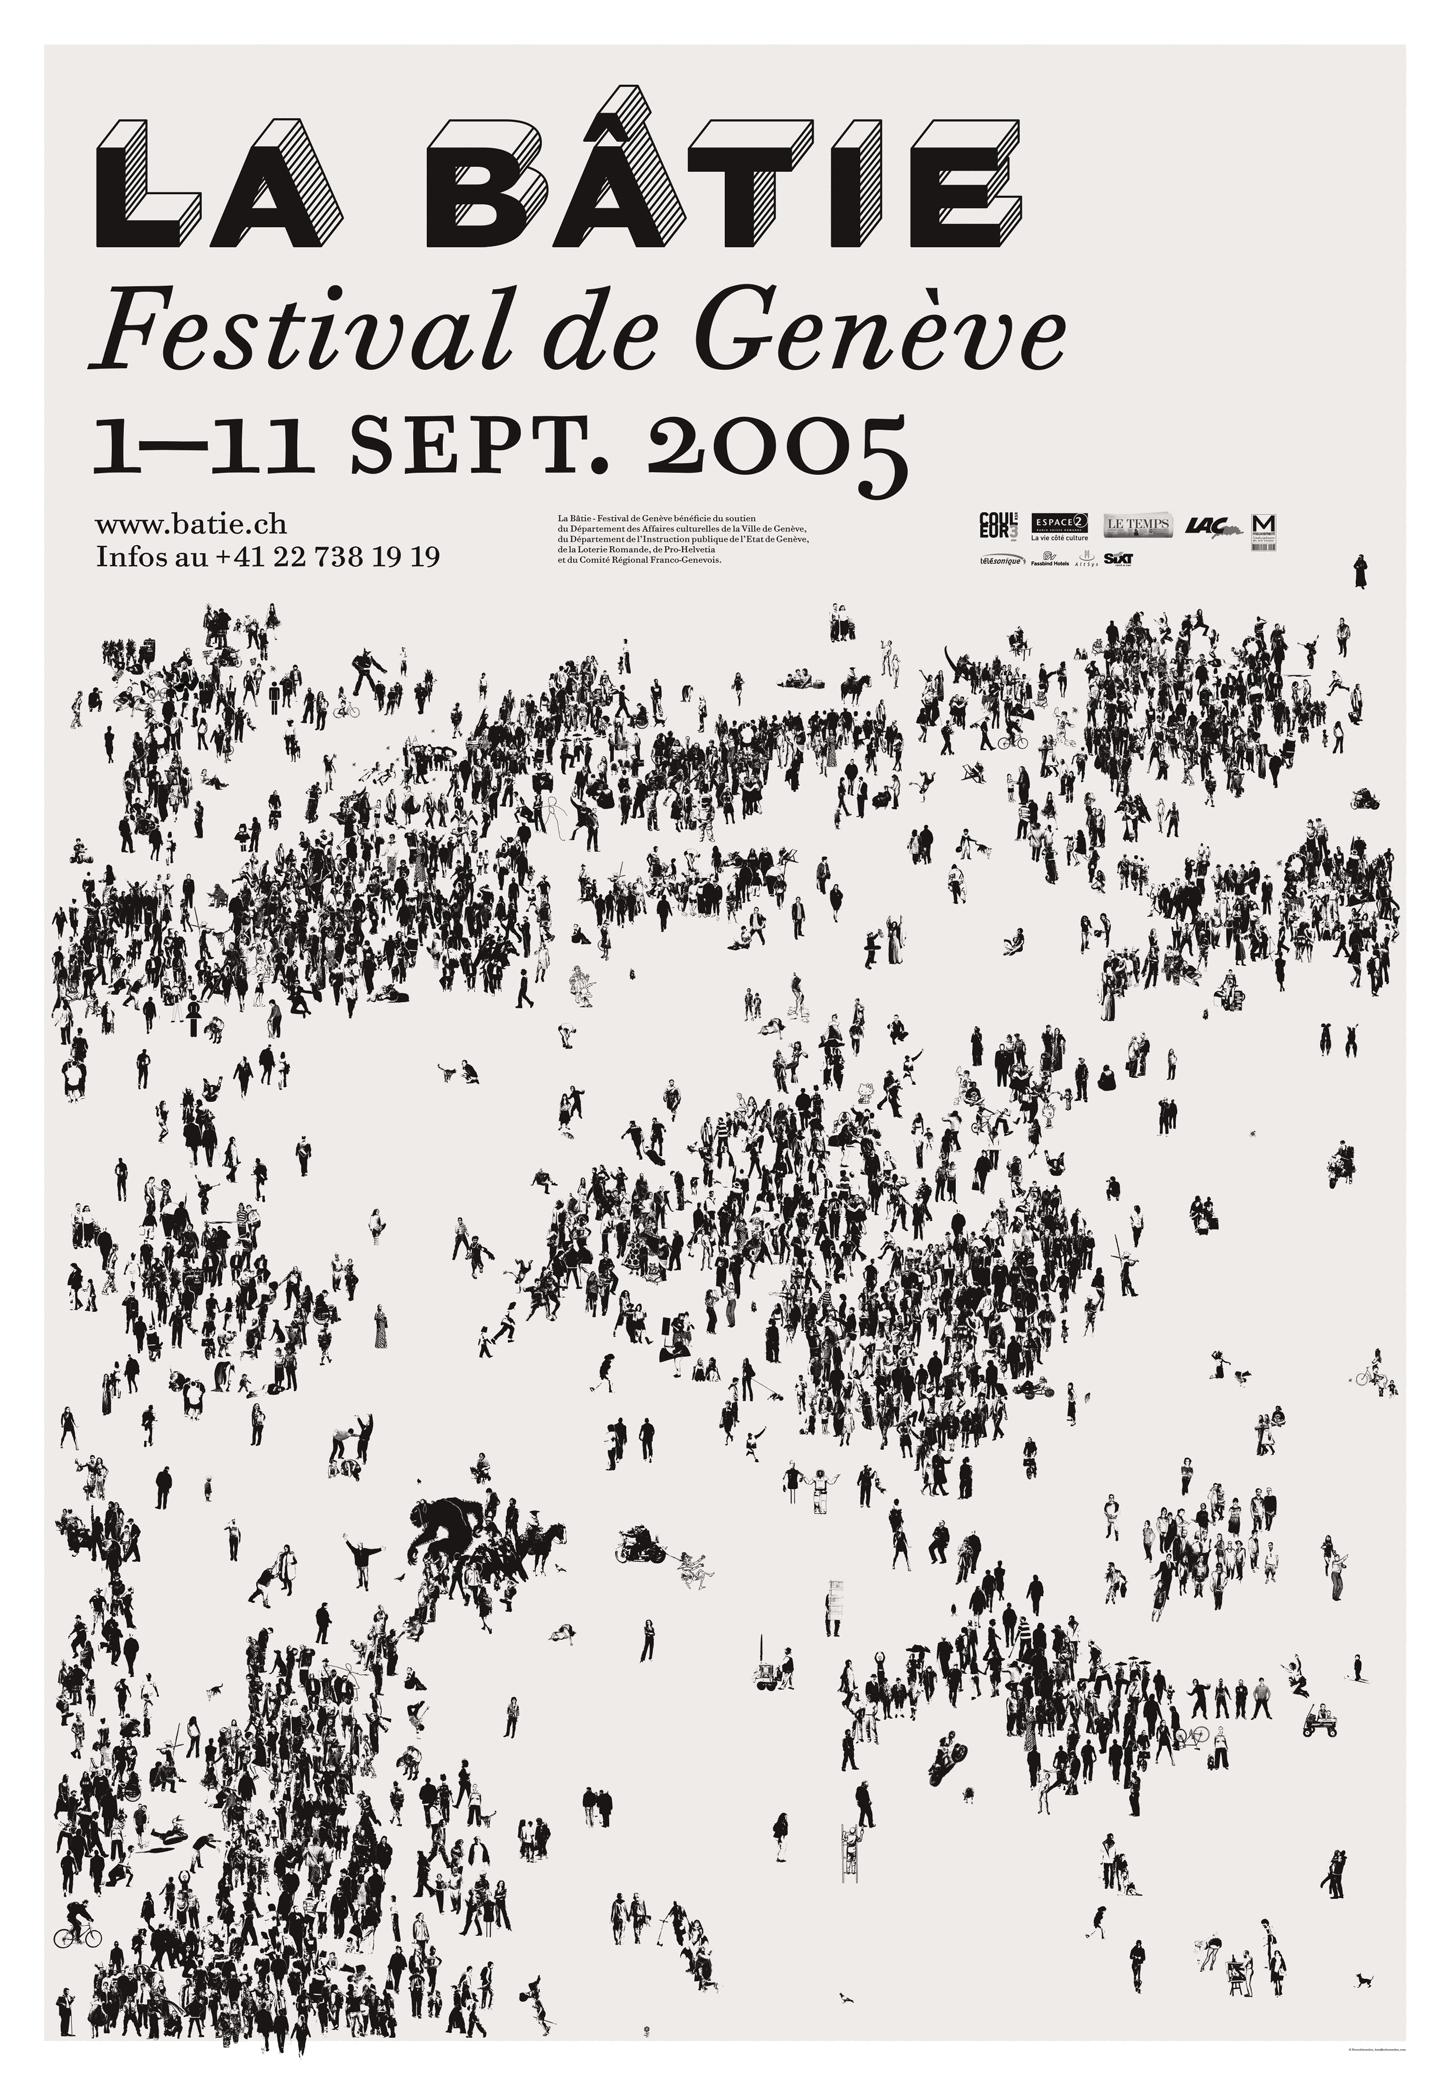 Affiche pour le Festival de la Bâtie, Genève. En tant que Schönwehrs.